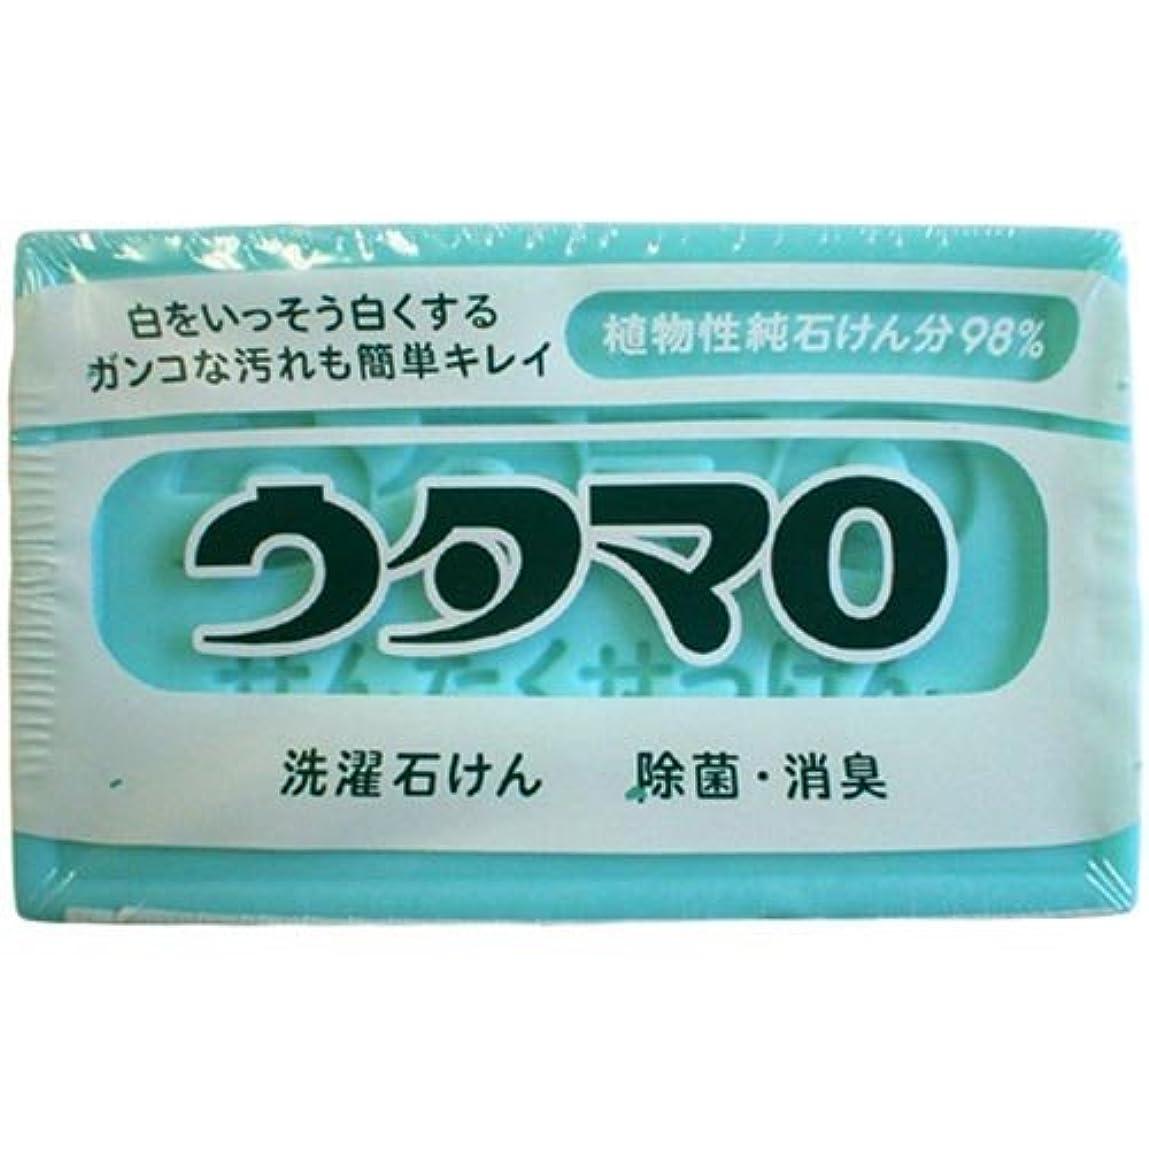 霧深いどこにもデイジー東邦 ウタマロ マホー石鹸 3個セット TO-SE3